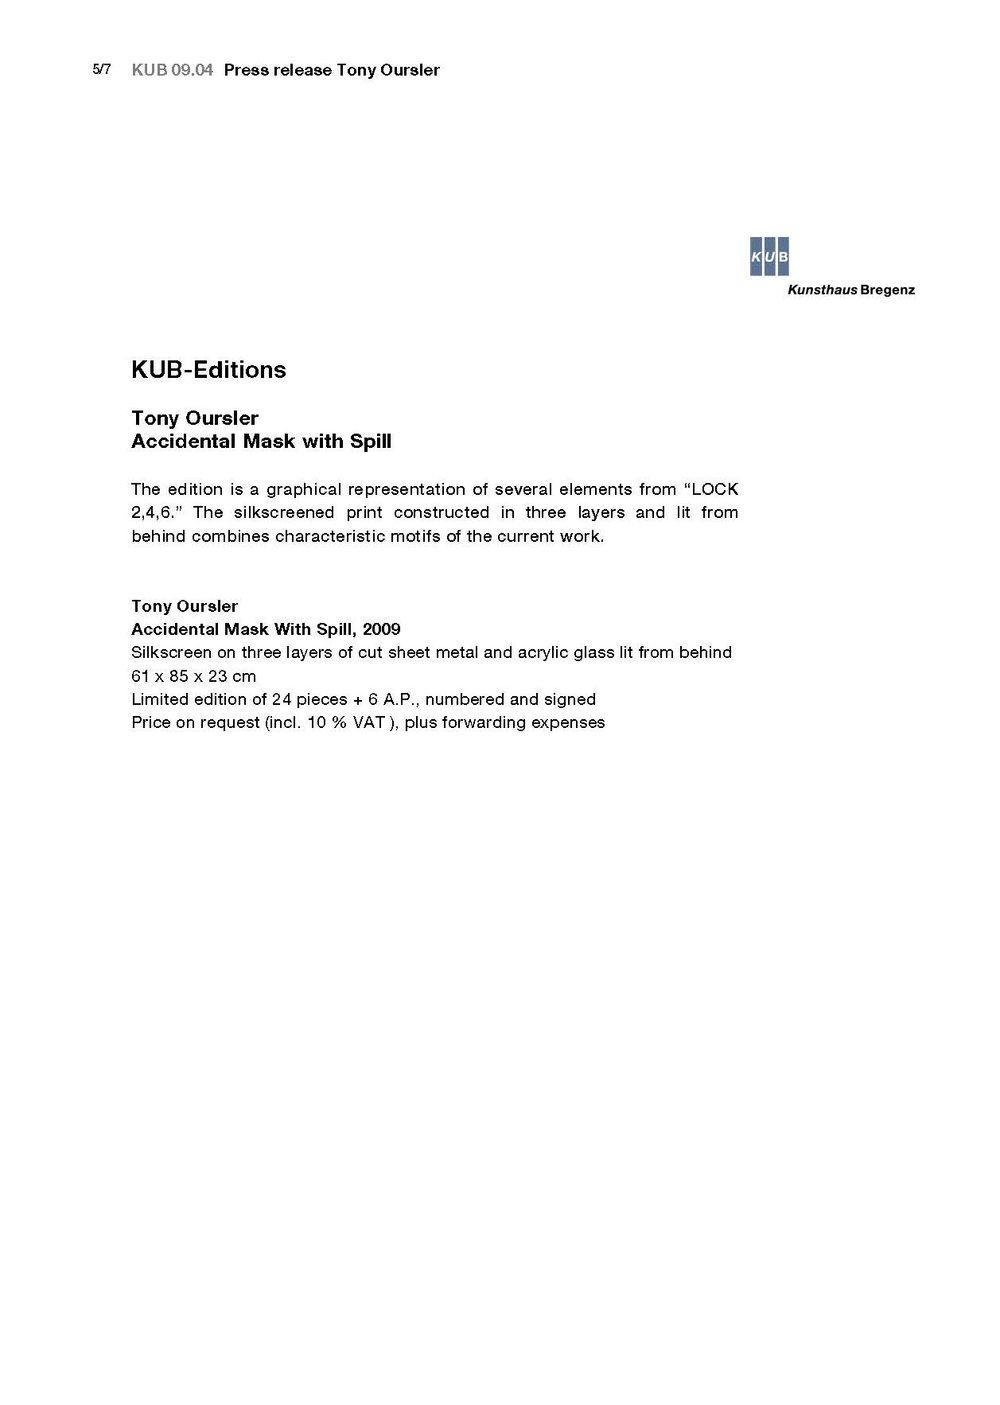 LOCK 2, 4, 6 - Press Release_Page_5.jpg